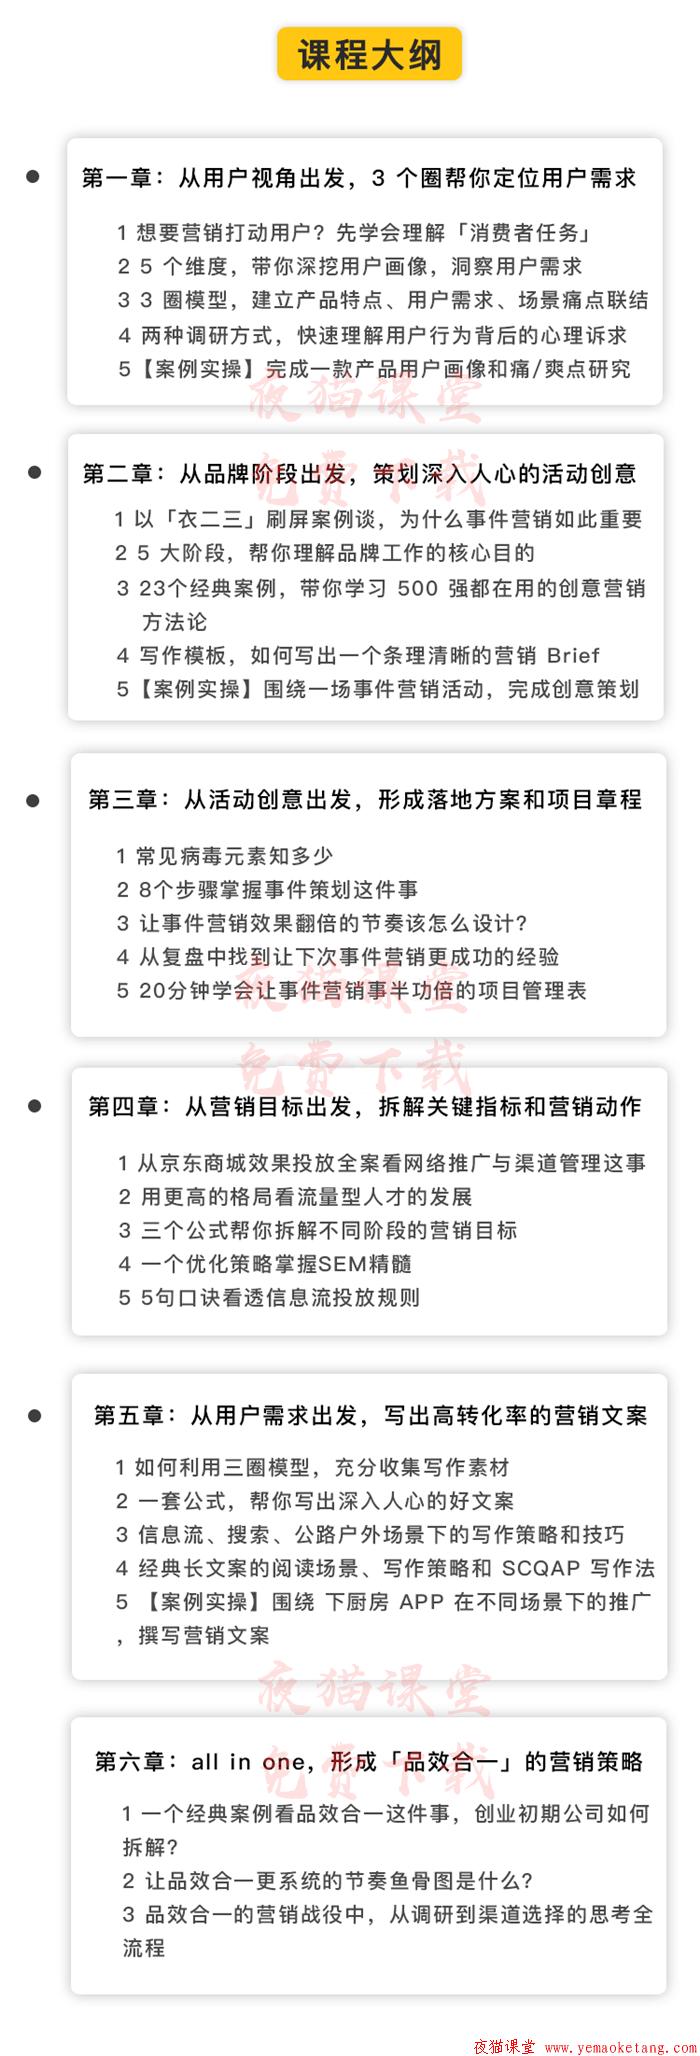 刀姐Doris:三节课互联网营销P2系列课程下载